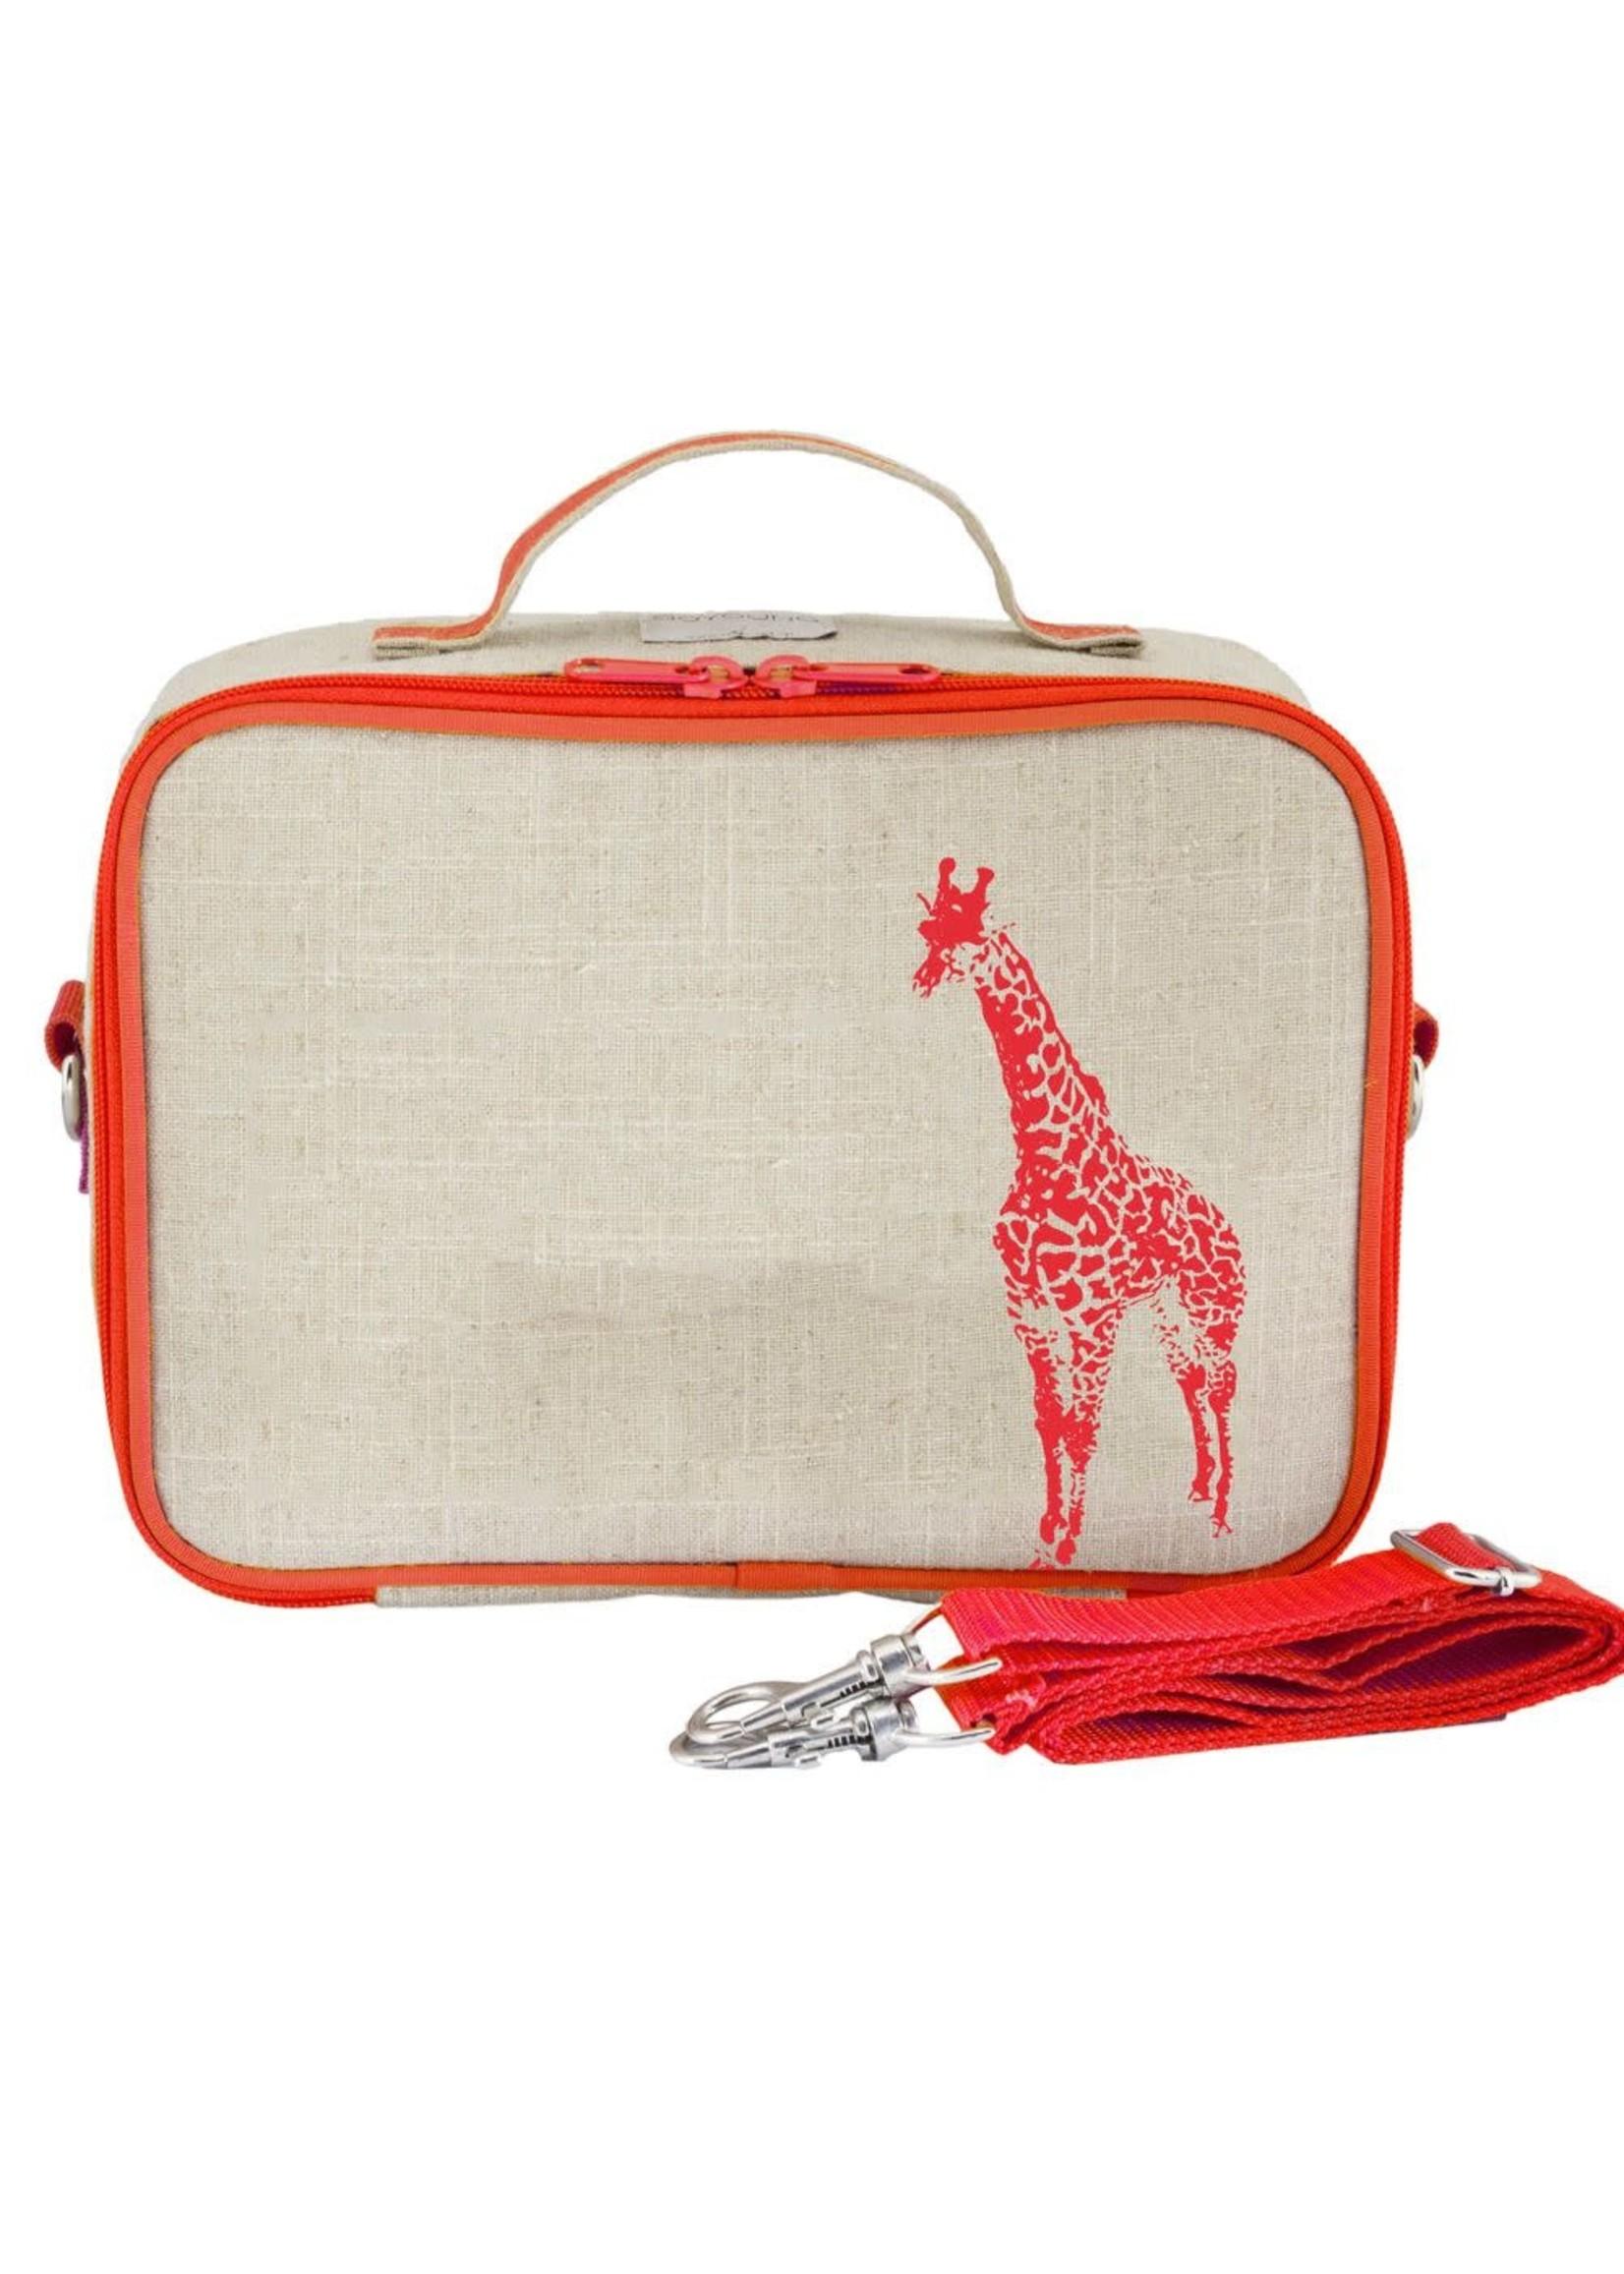 SoYoung SoYoung Lunchbag (Giraffe )